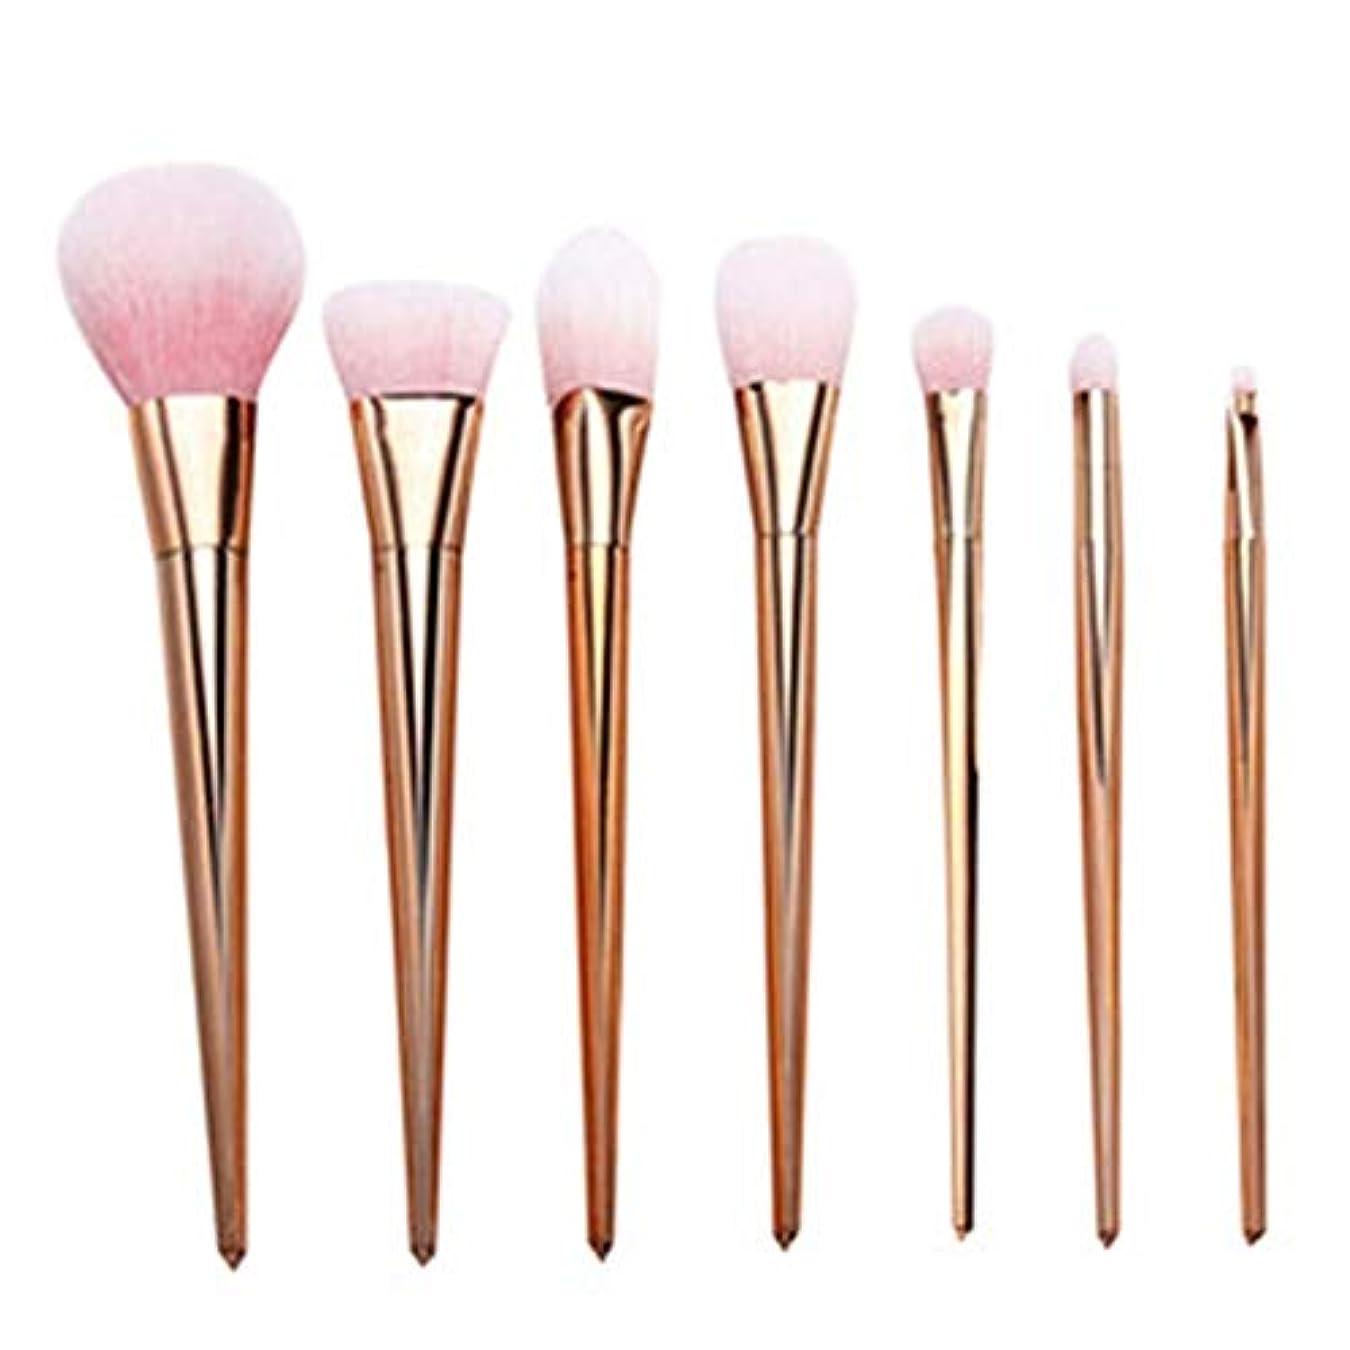 ランダム女優風邪をひくプロ メイクブラシ 化粧筆 シリーズ 化粧ブラシセット 高級タクロン 超柔らかい 可愛い リップブラシツール 7本セット (Color : Rose Gold)